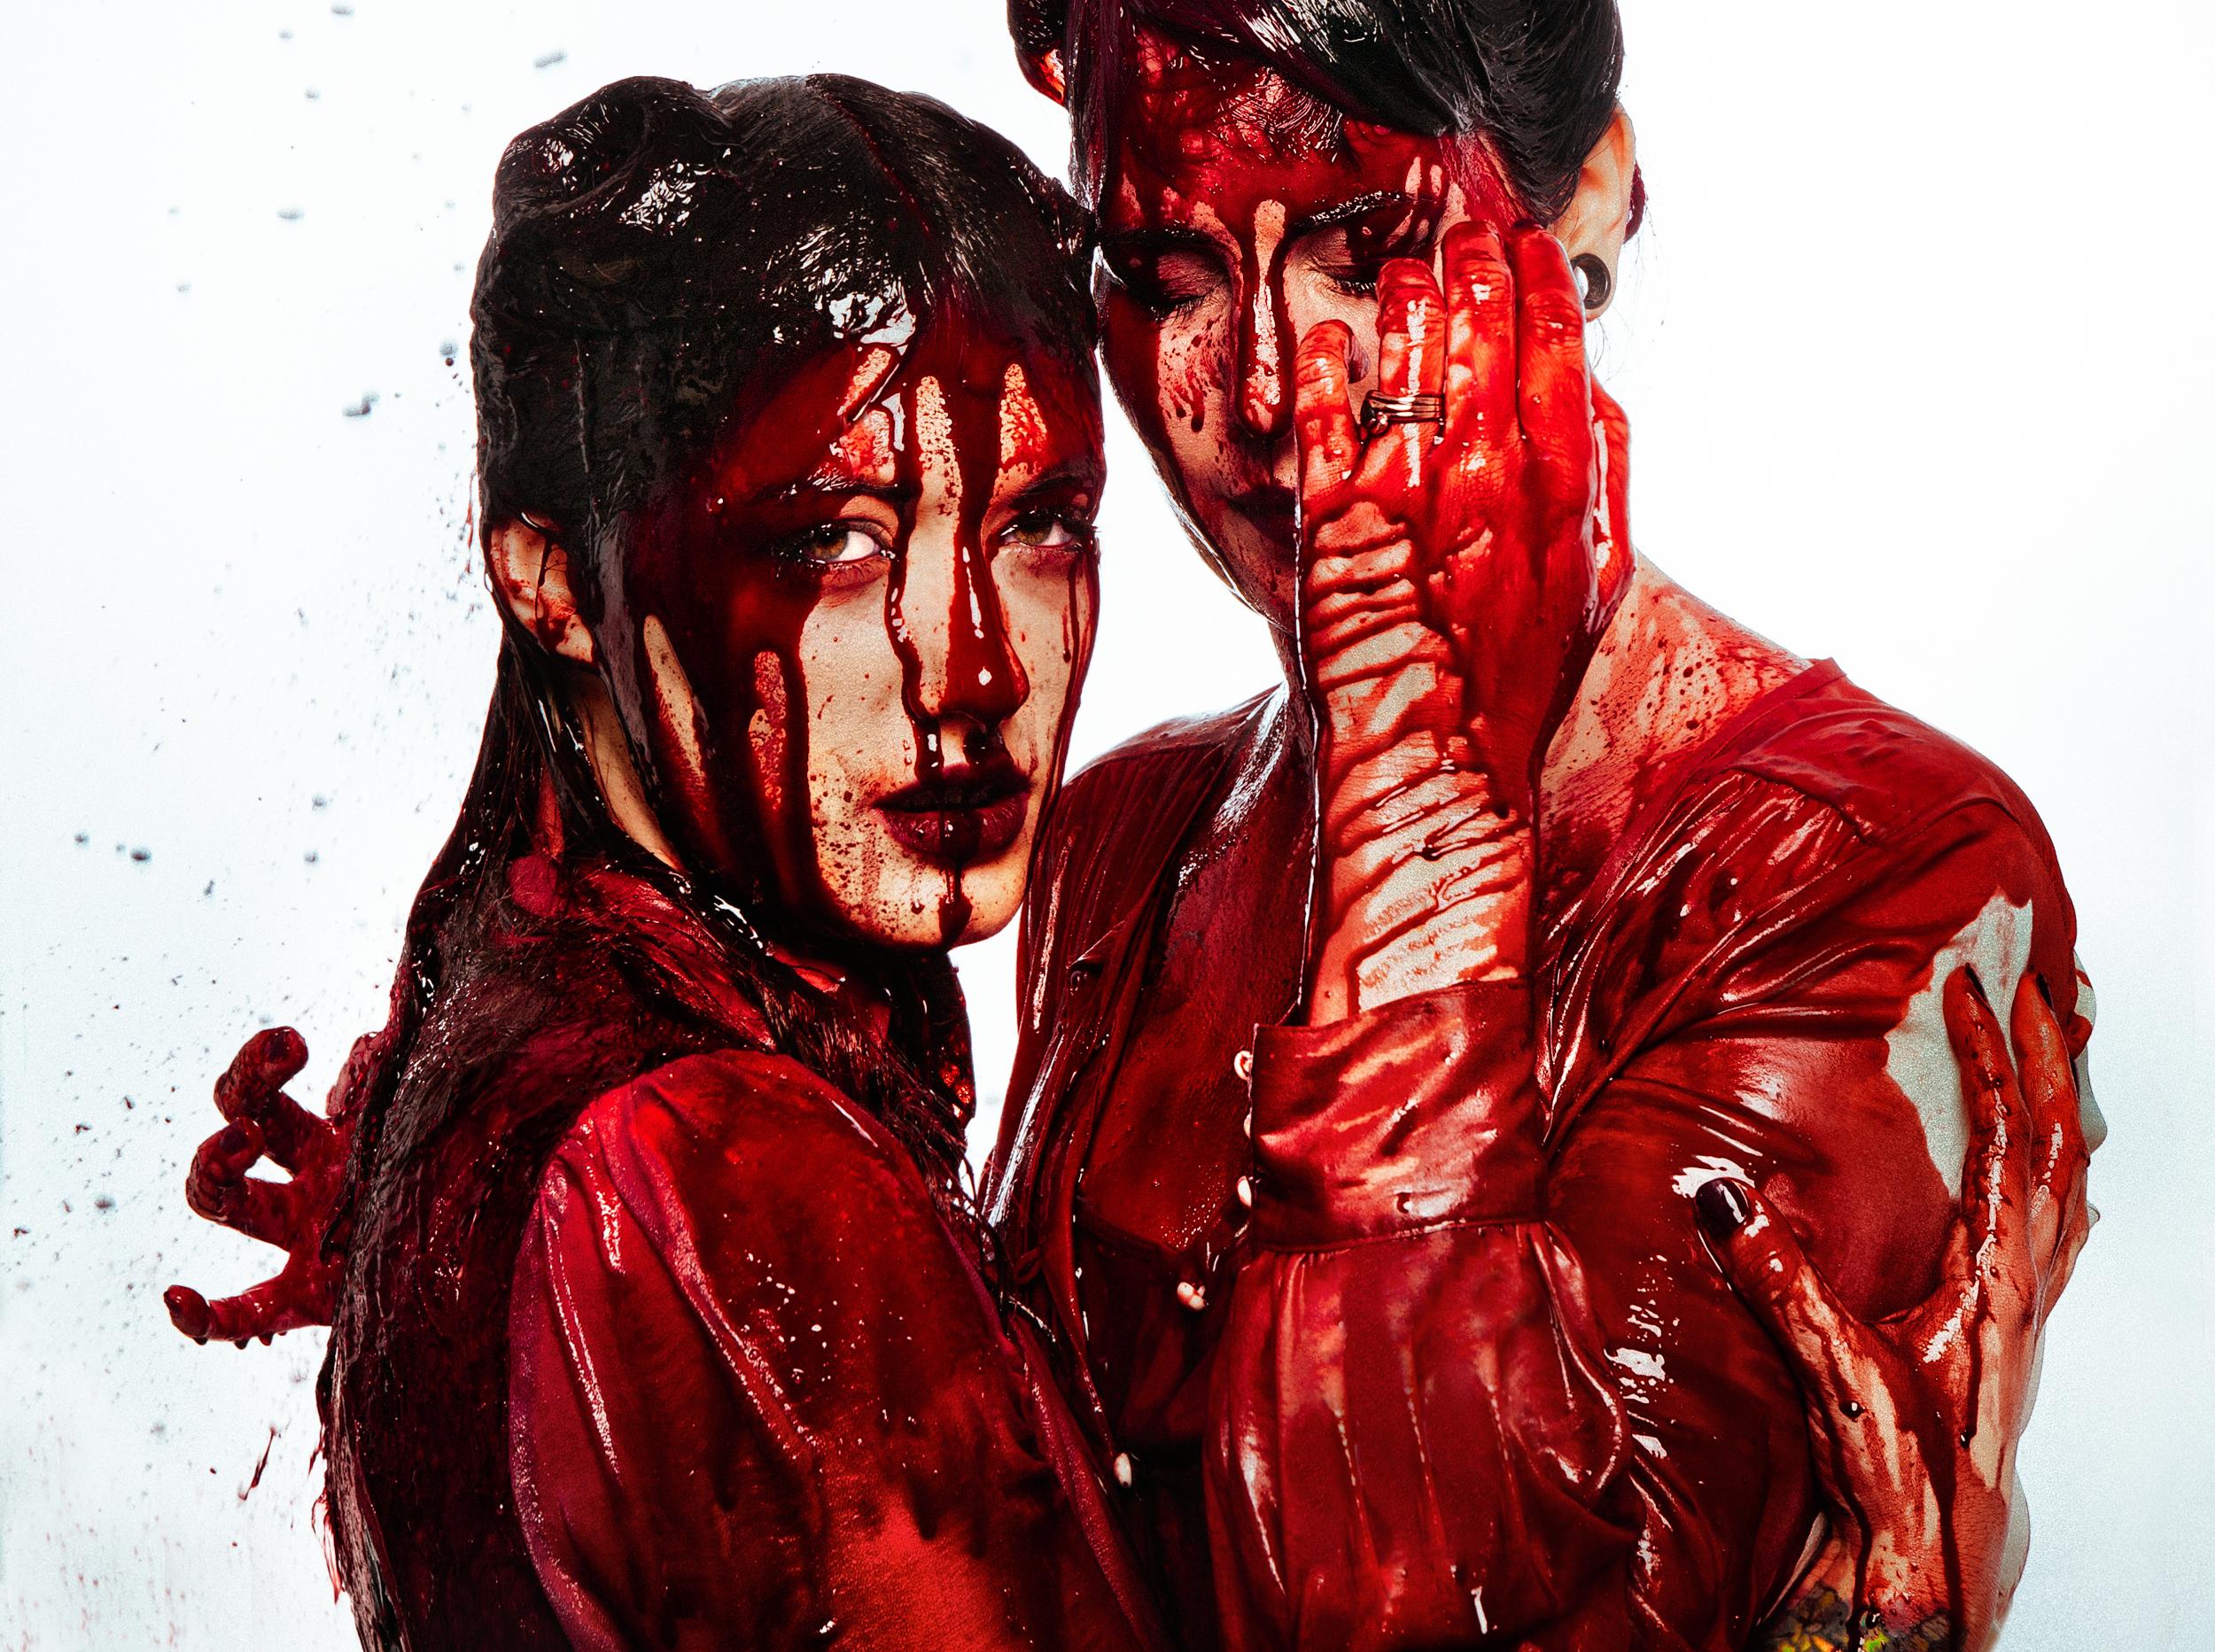 Sinister Rouge Make-Up FX Studio